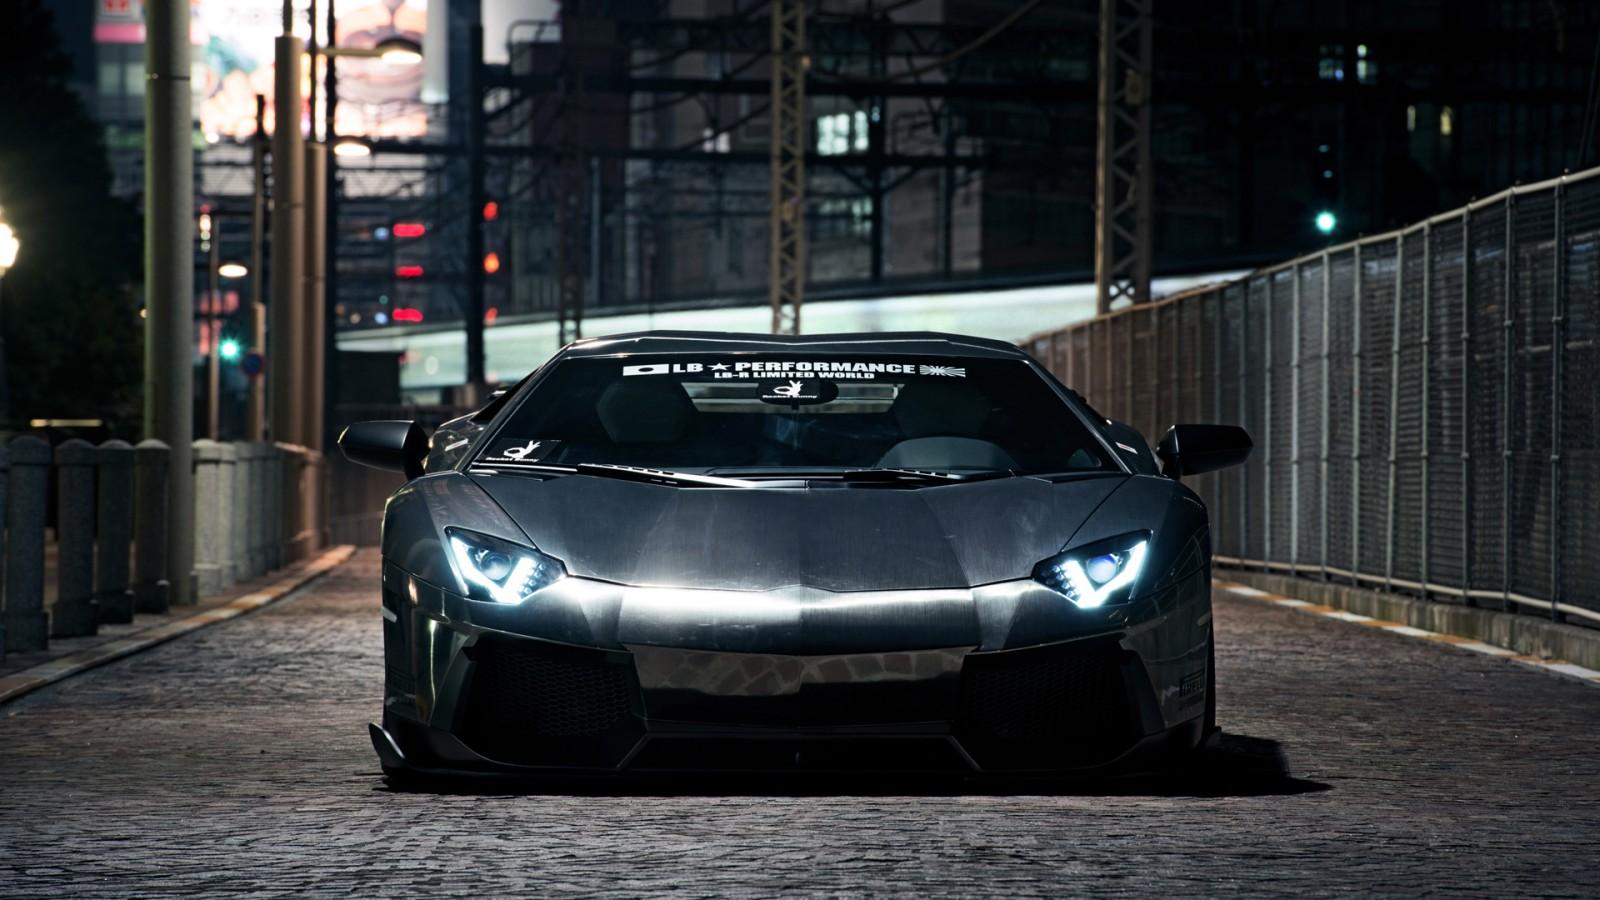 Lamborghini Aventador LP 700 4 Car Wallpaper | HD Car ...